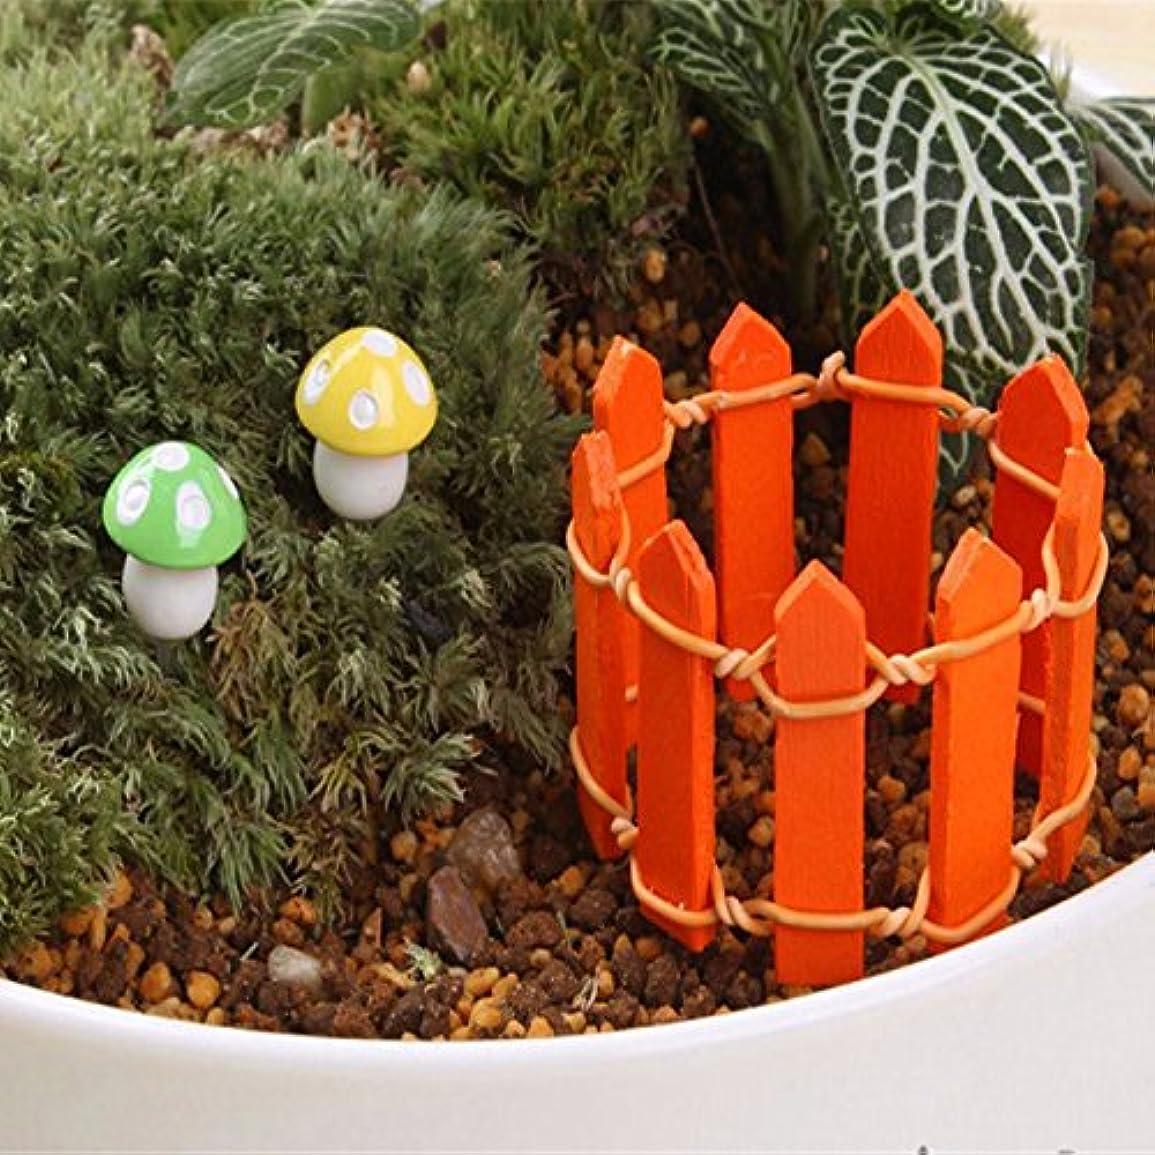 Jicorzo - 20個DIY木製の小さなフェンスモステラリウム植木鉢工芸ミニおもちゃフェアリーガーデンミニチュア[オレンジ]